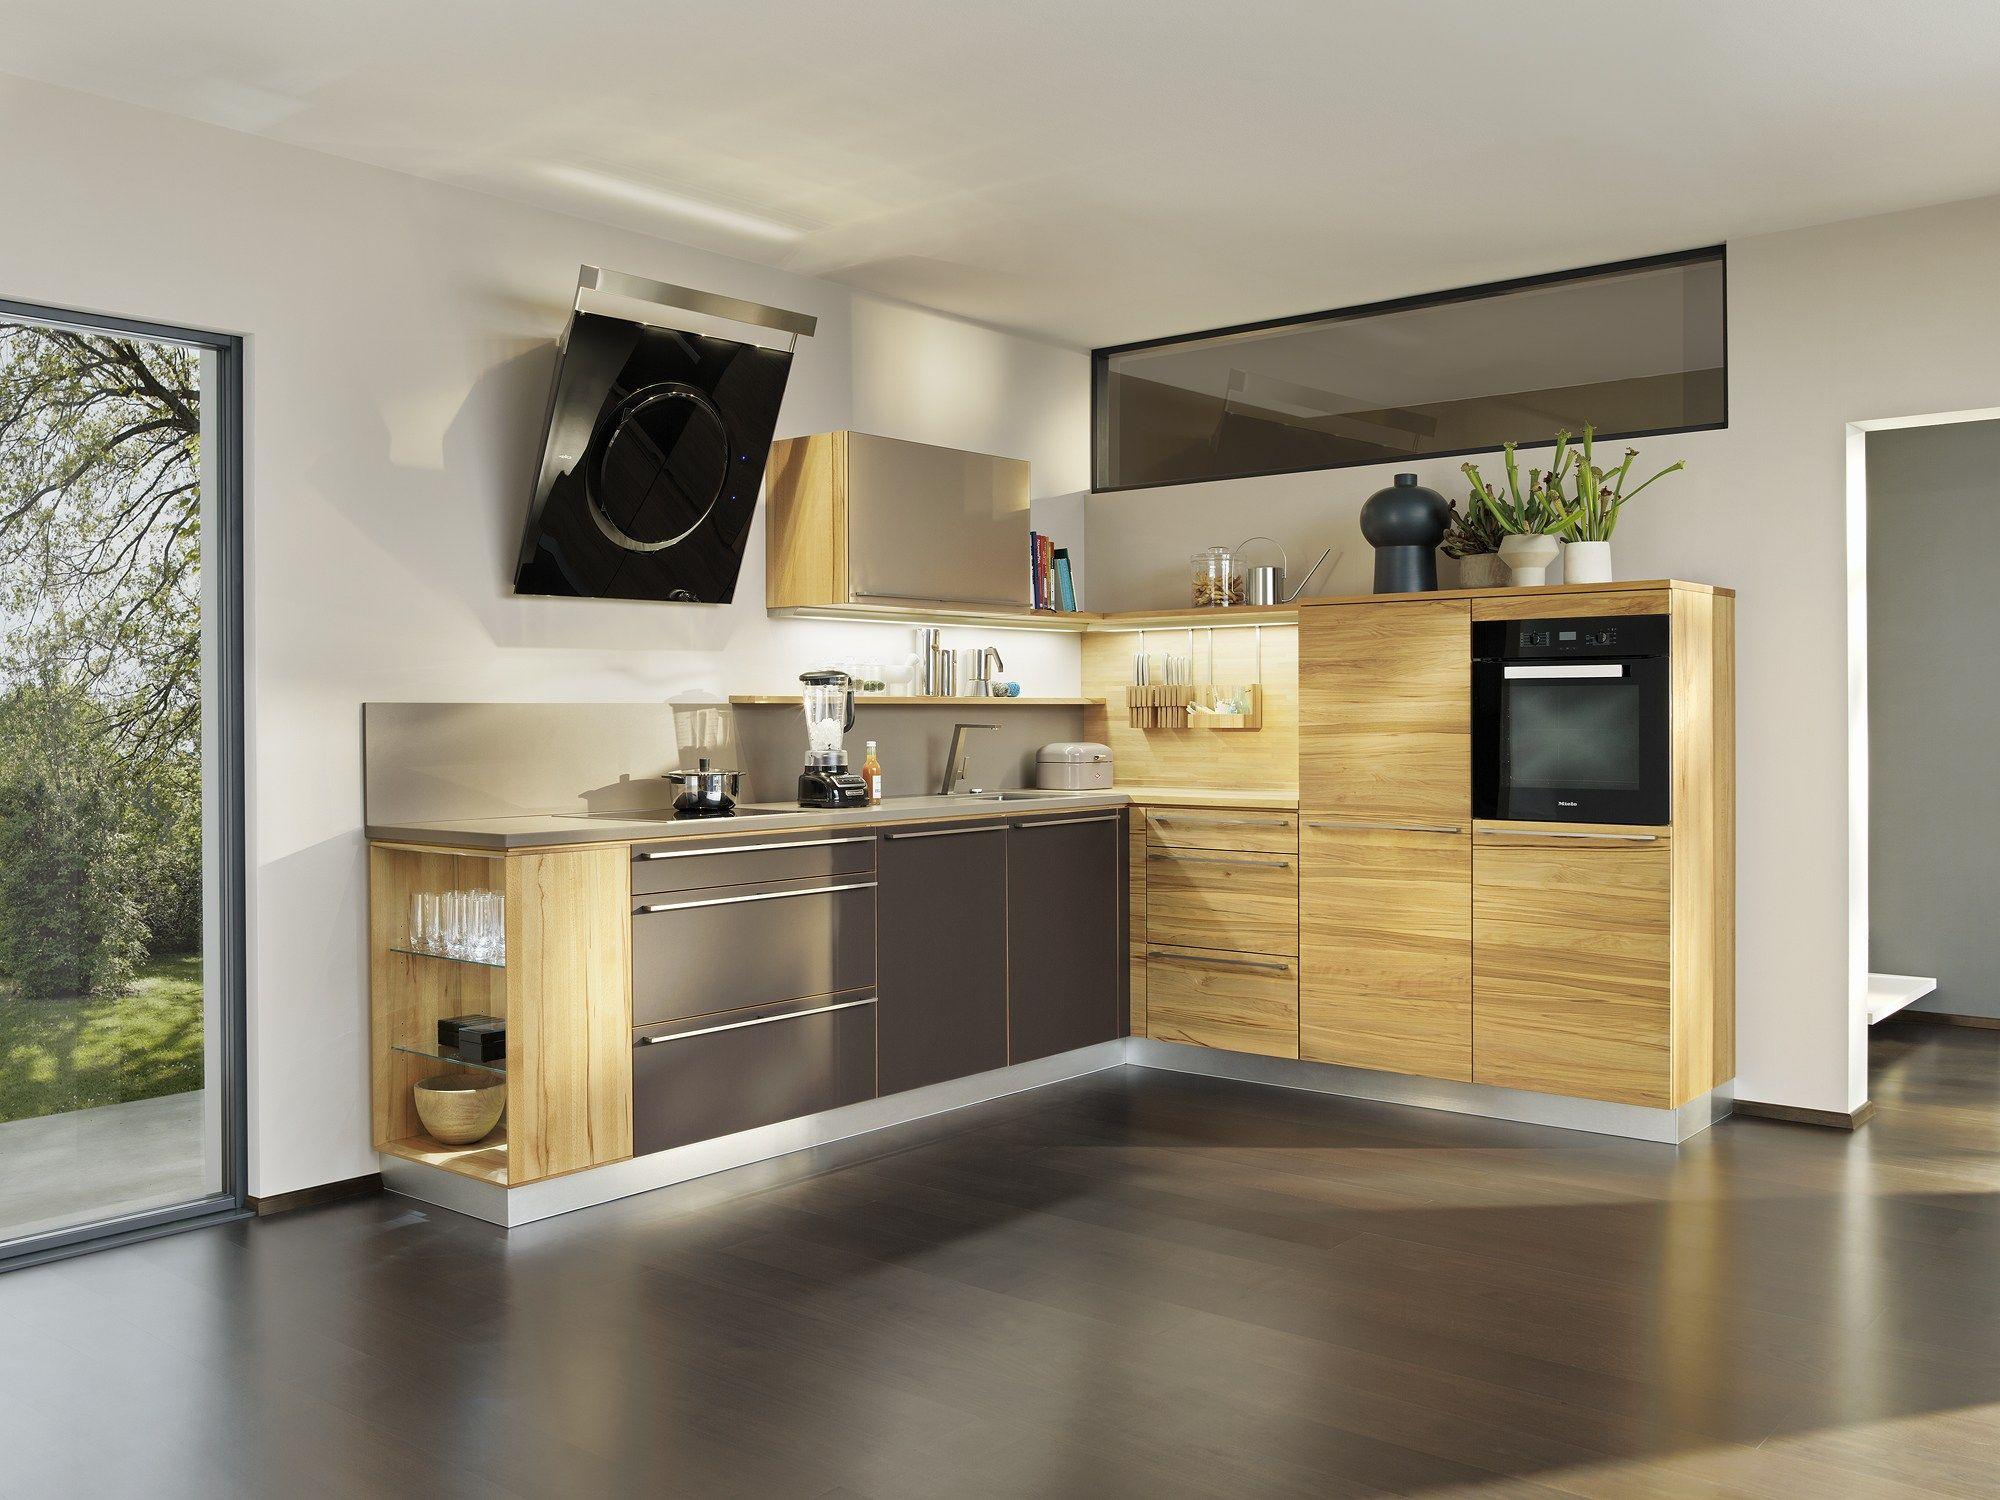 L1 Kitchen by TEAM 7 Natürlich Wohnen